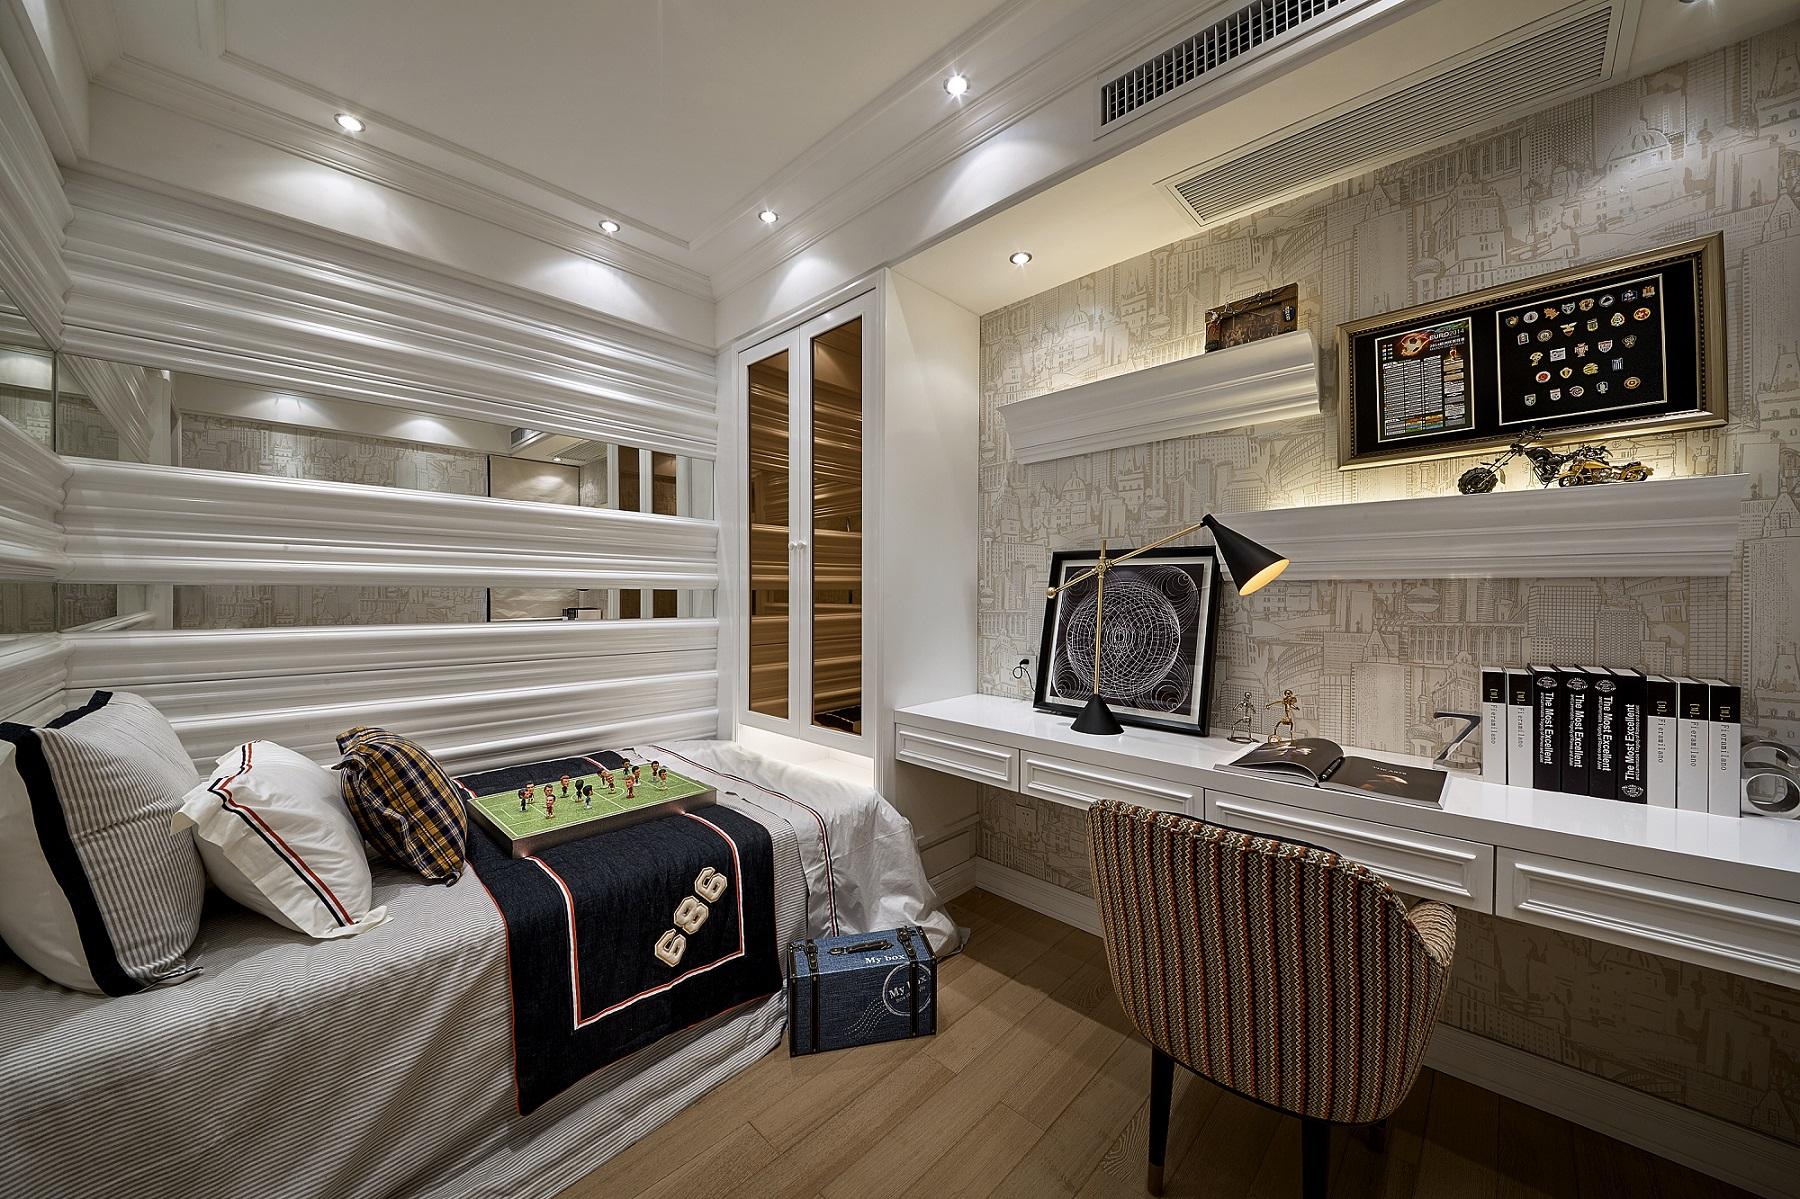 书房榻榻米设计,既满足了休憩需求,还能当作办公区域,一屋两用,墙上设计简单隔板当置物台,简单又美观。